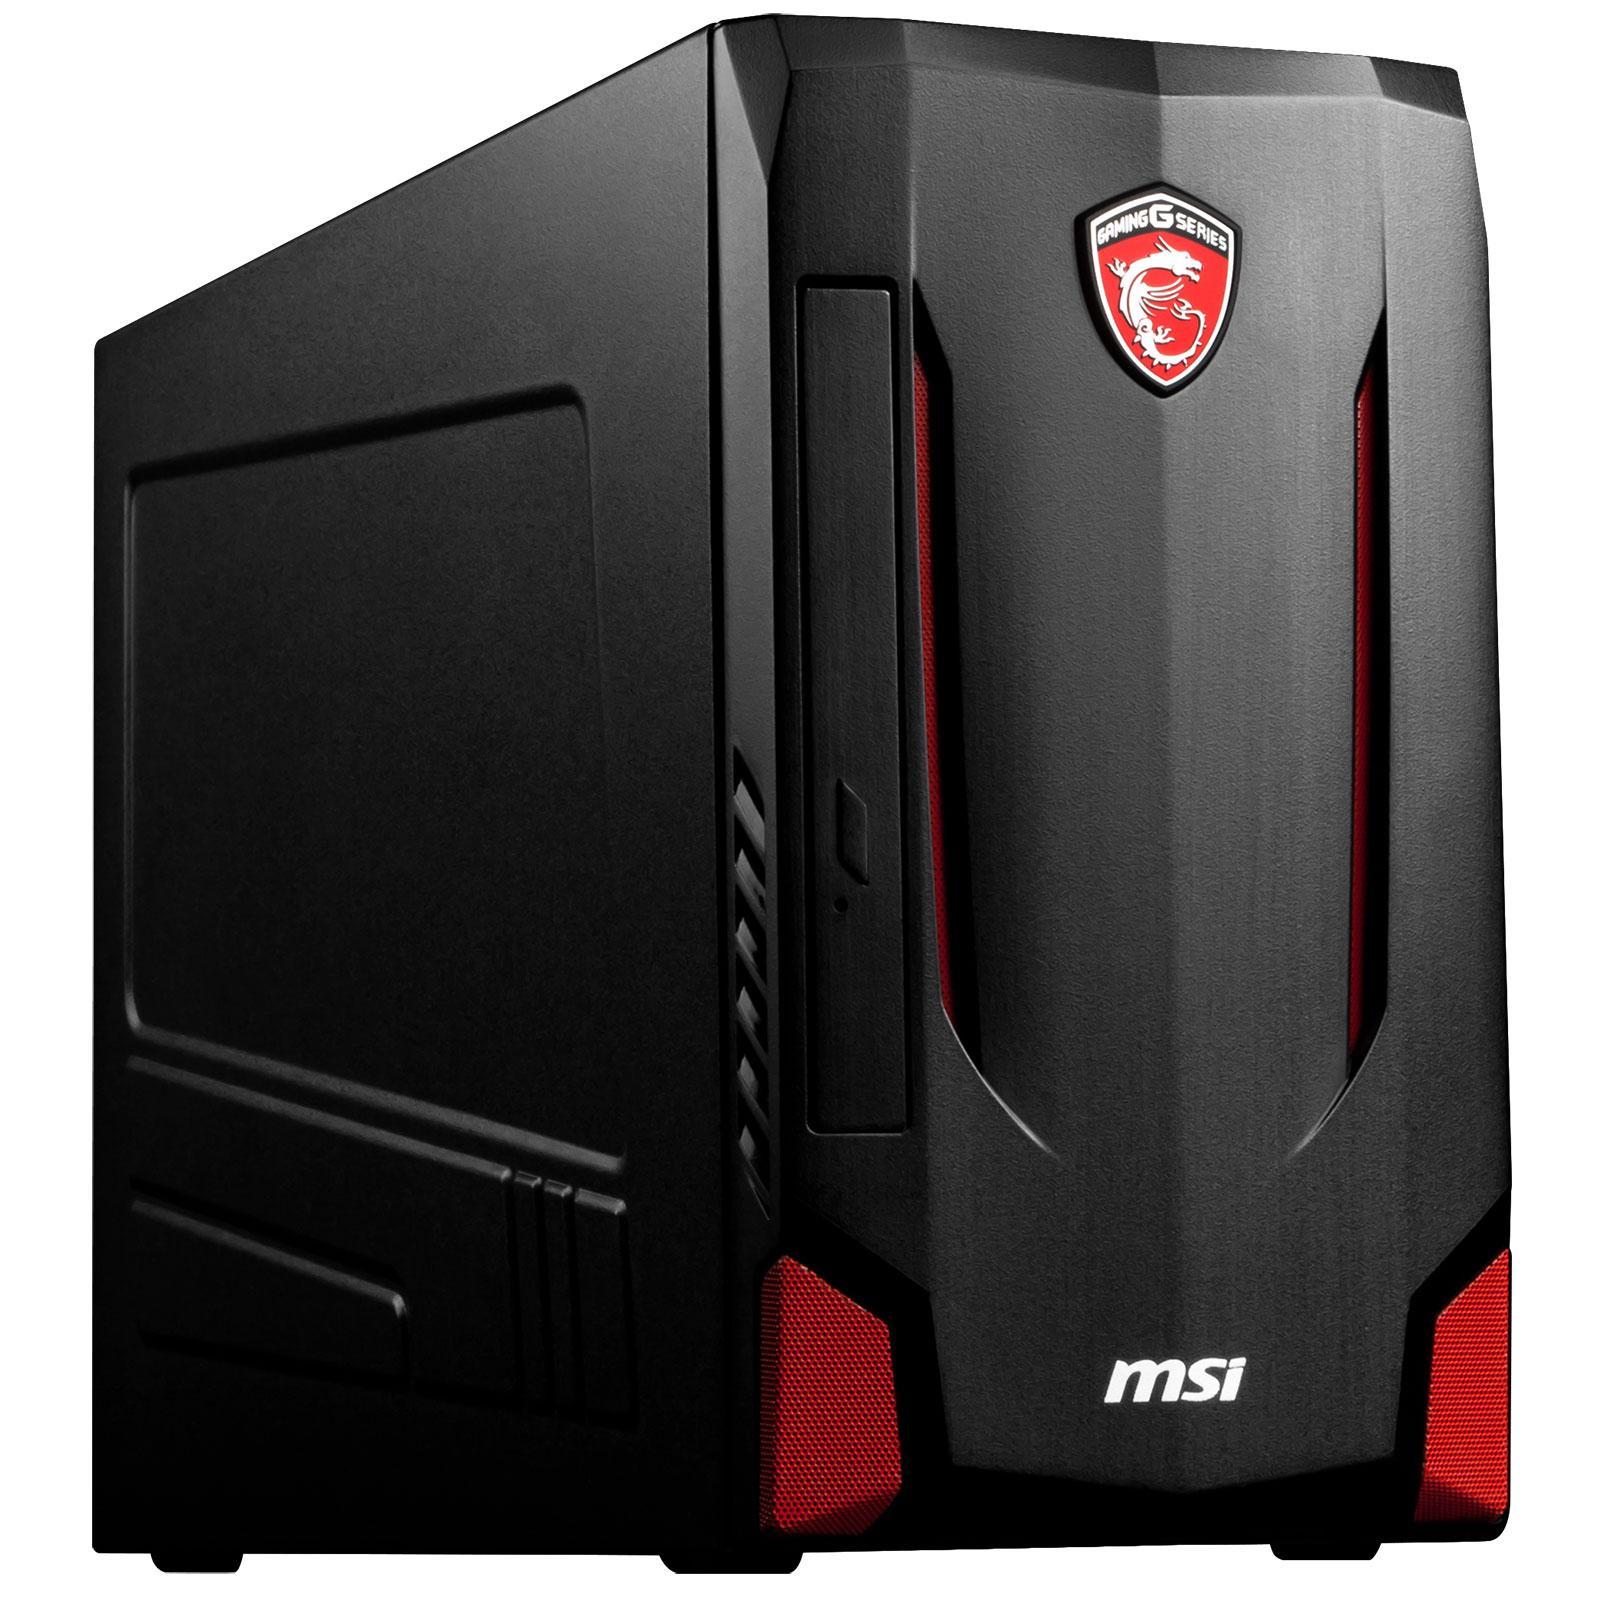 PC de bureau MSI Nightblade - i7 4790S 3.2 GHz, 8 Go RAM, 128 Go SSD + 2 To, GeForce GTX960